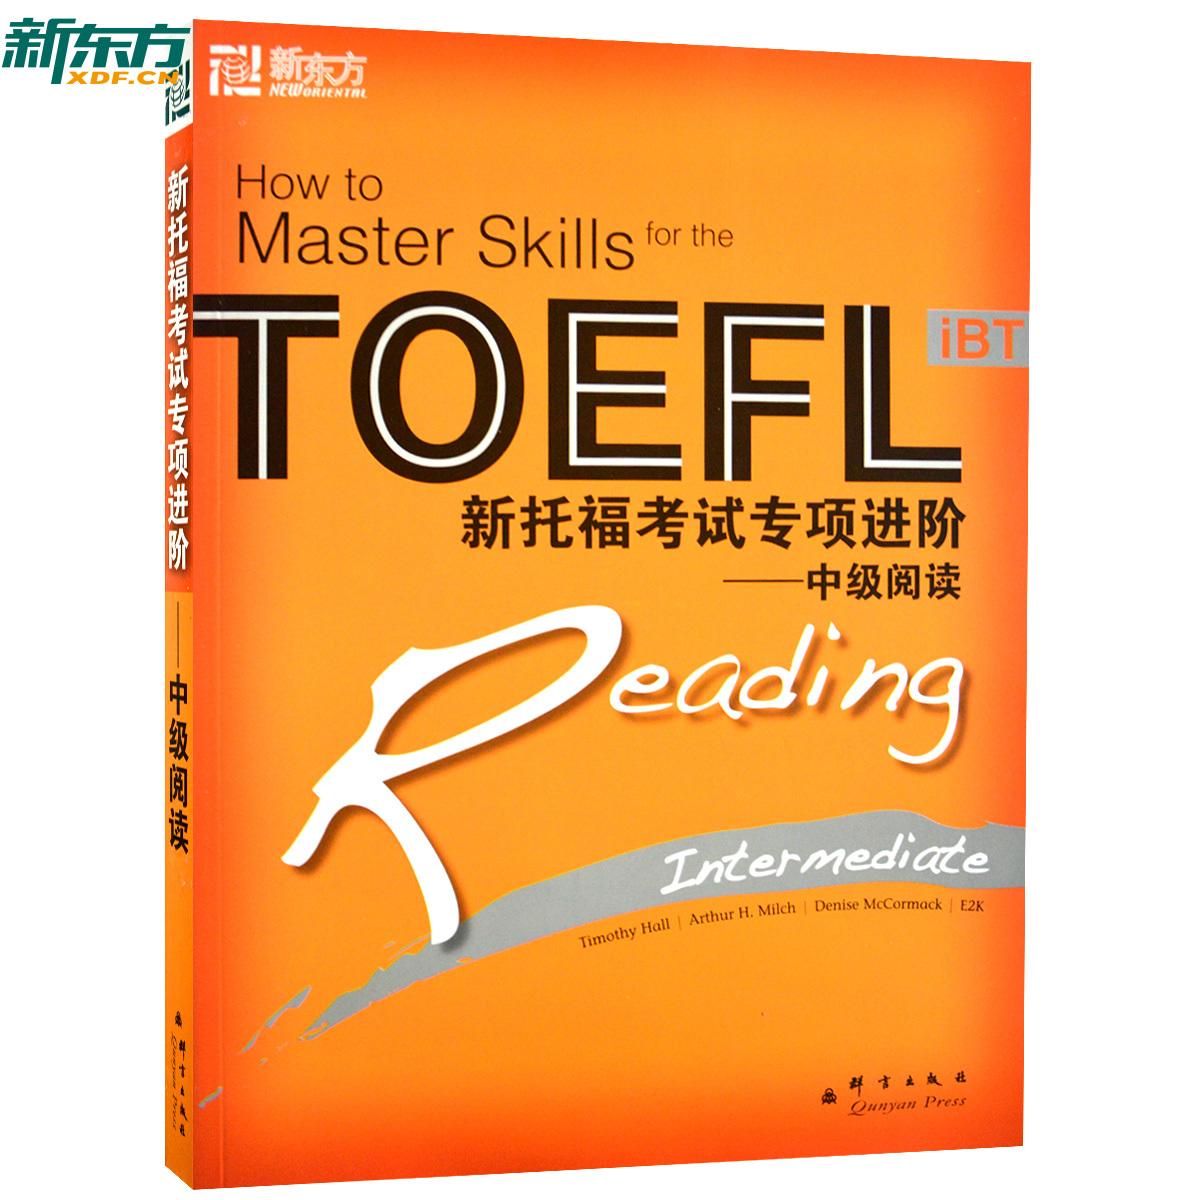 新托福考试专项进阶:中级阅读 新东方托福考试 toelf阅读 托福阅读 托福阅读真题 正版畅销书